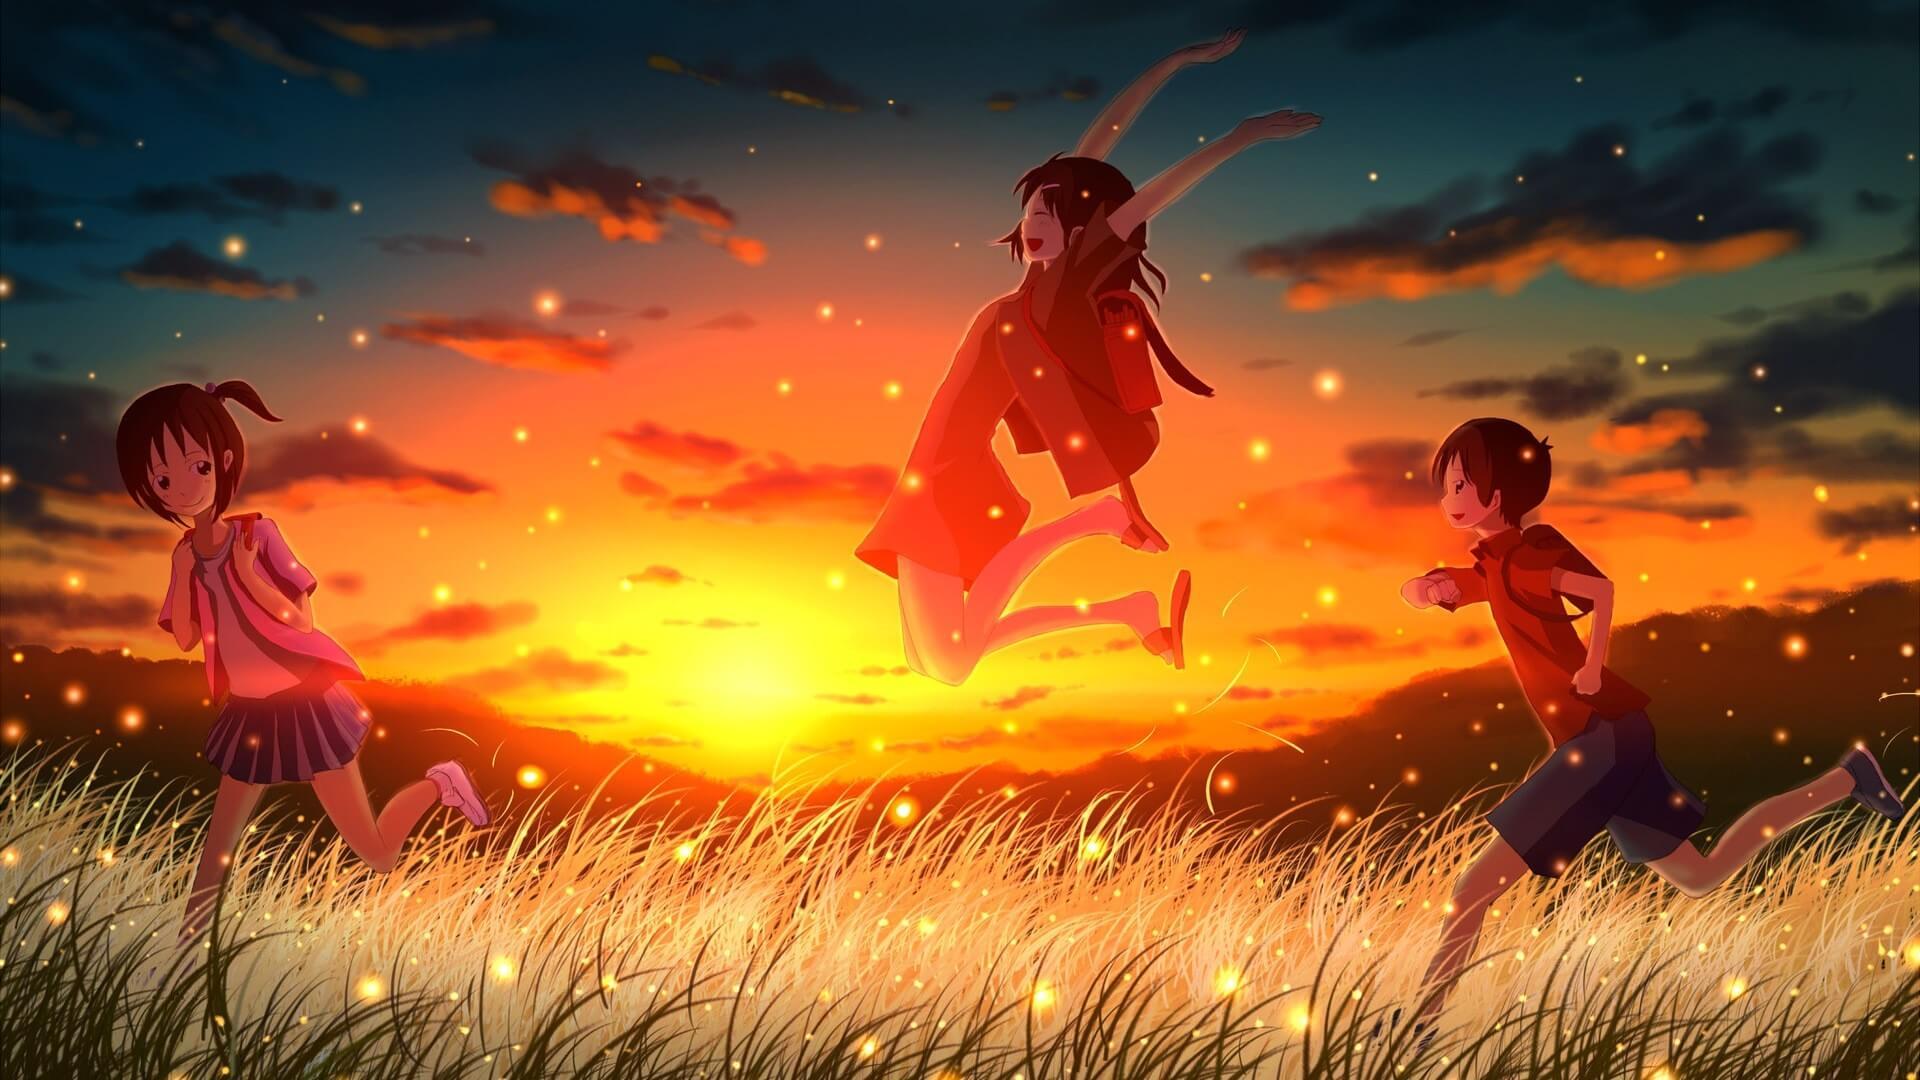 Hình nền phong cảnh anime